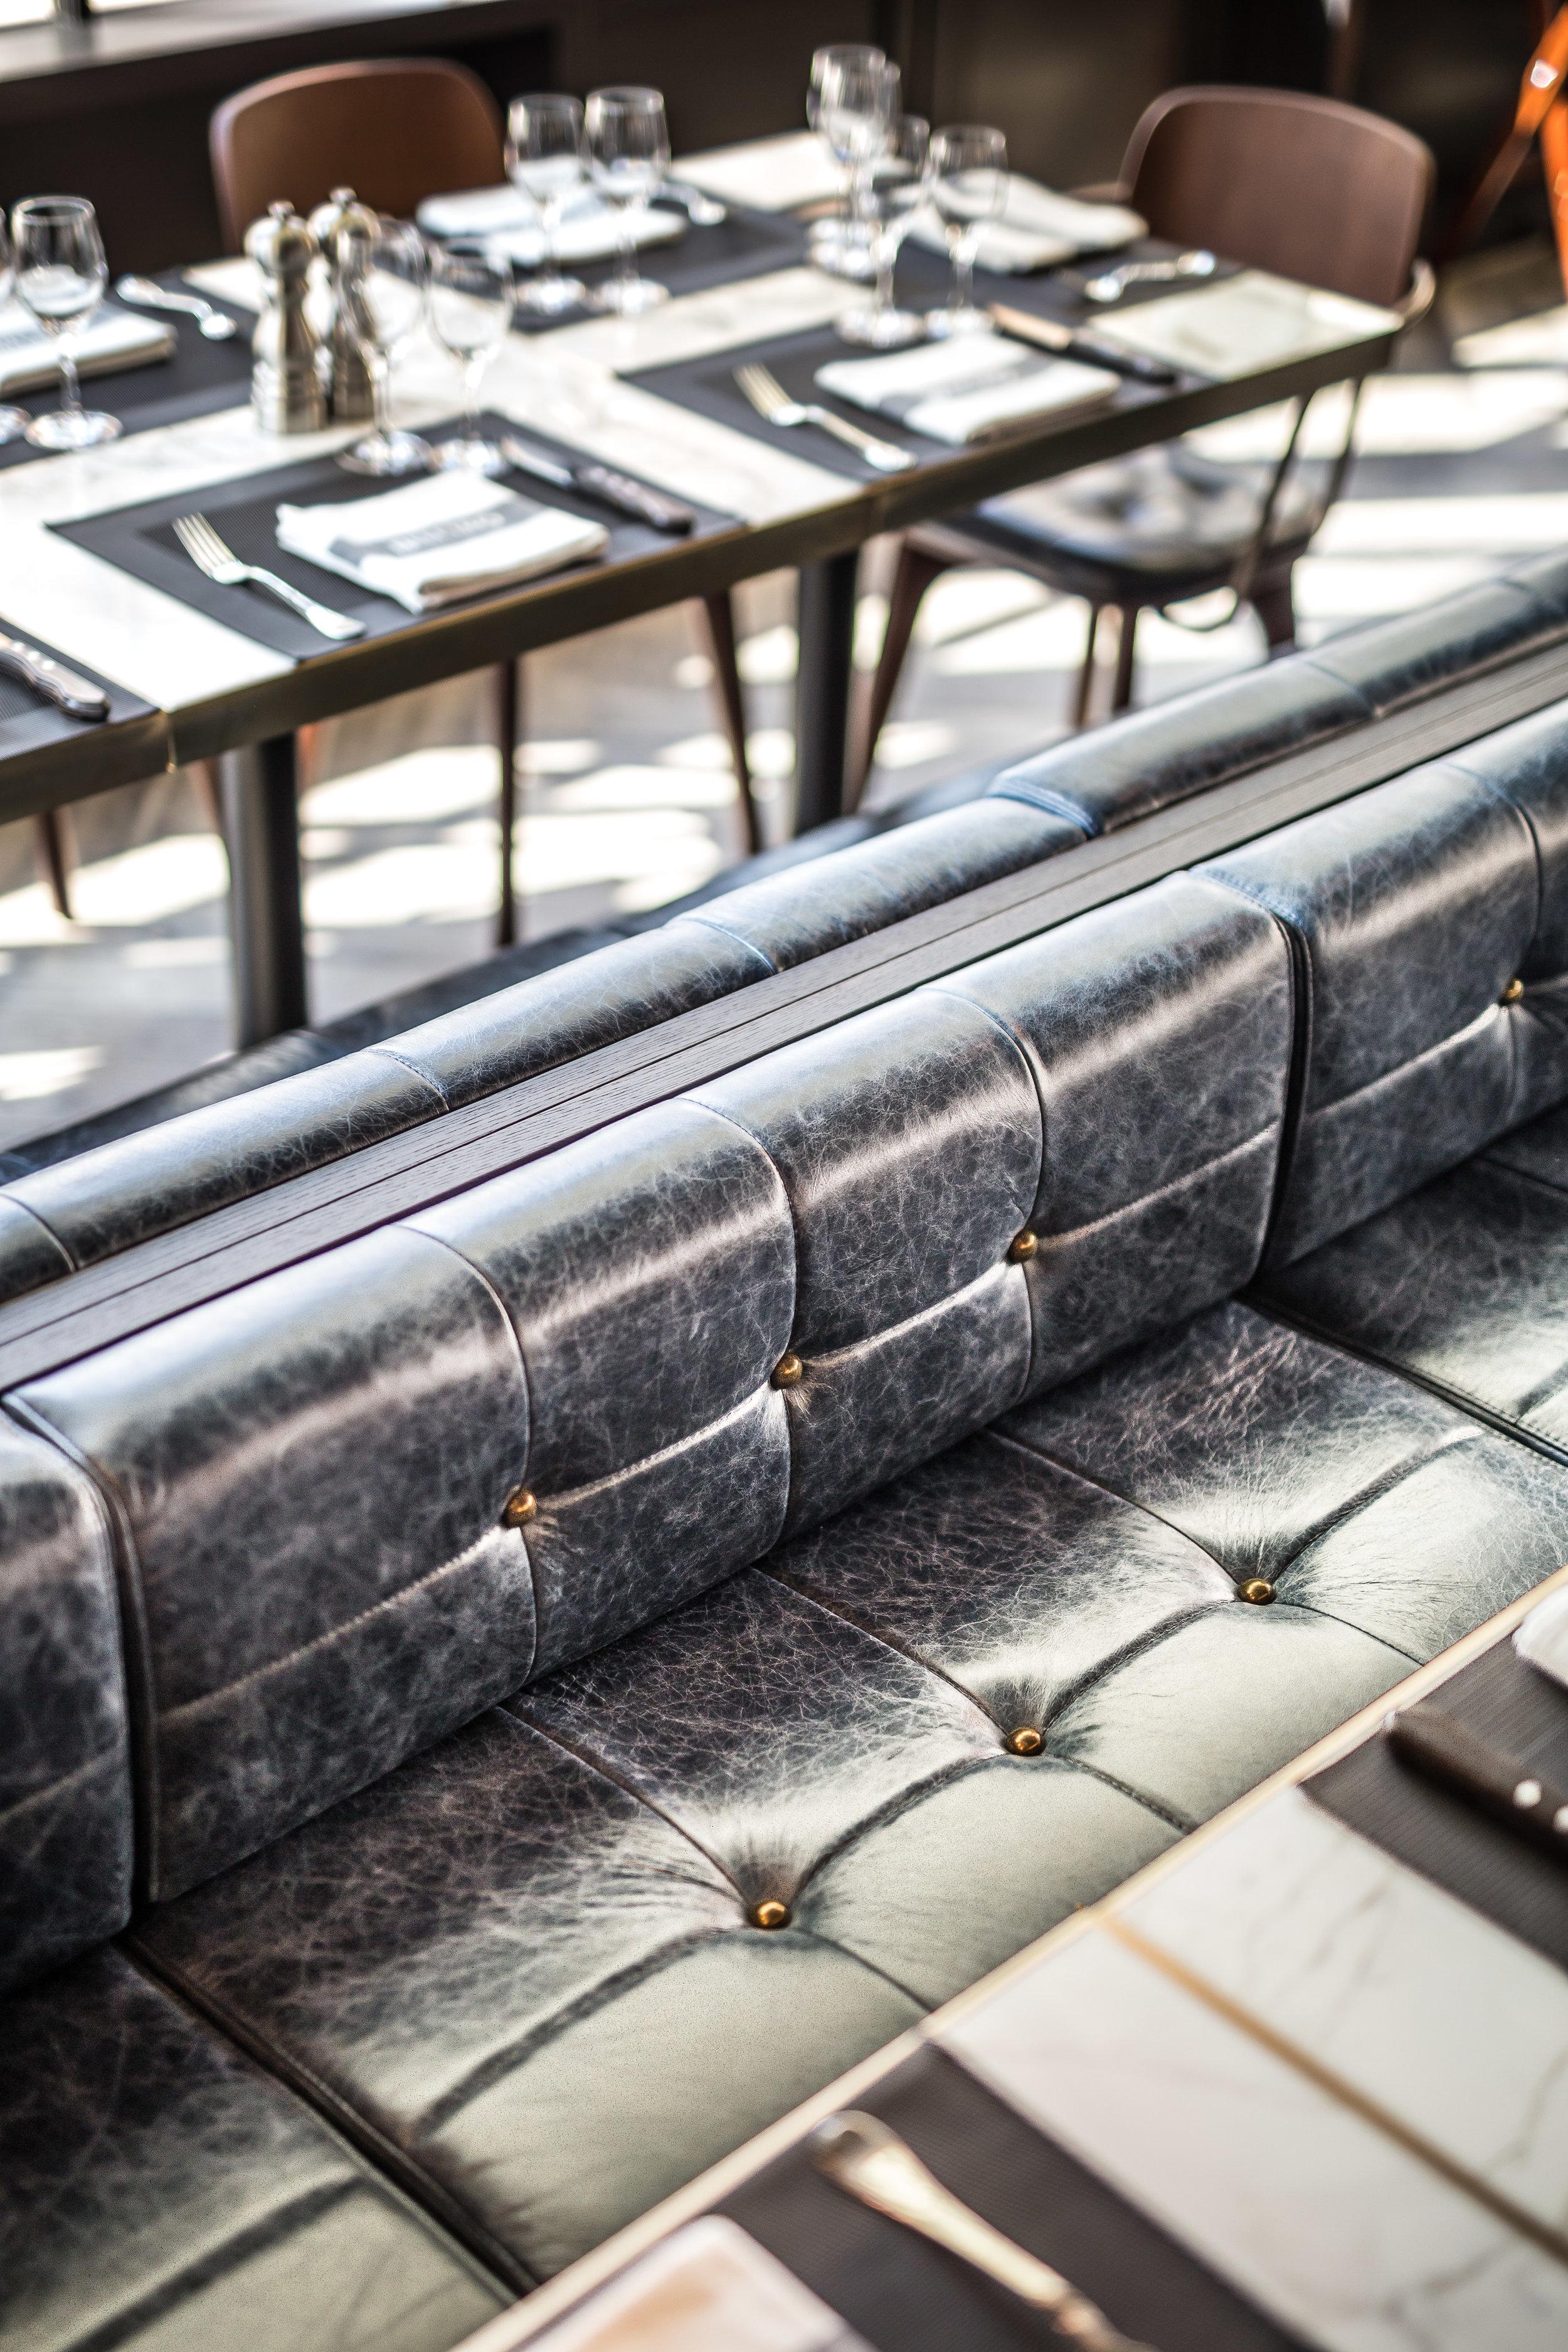 interiors.giraudi.beeftro luxembourg.08.2016-23.full resolution.jpg